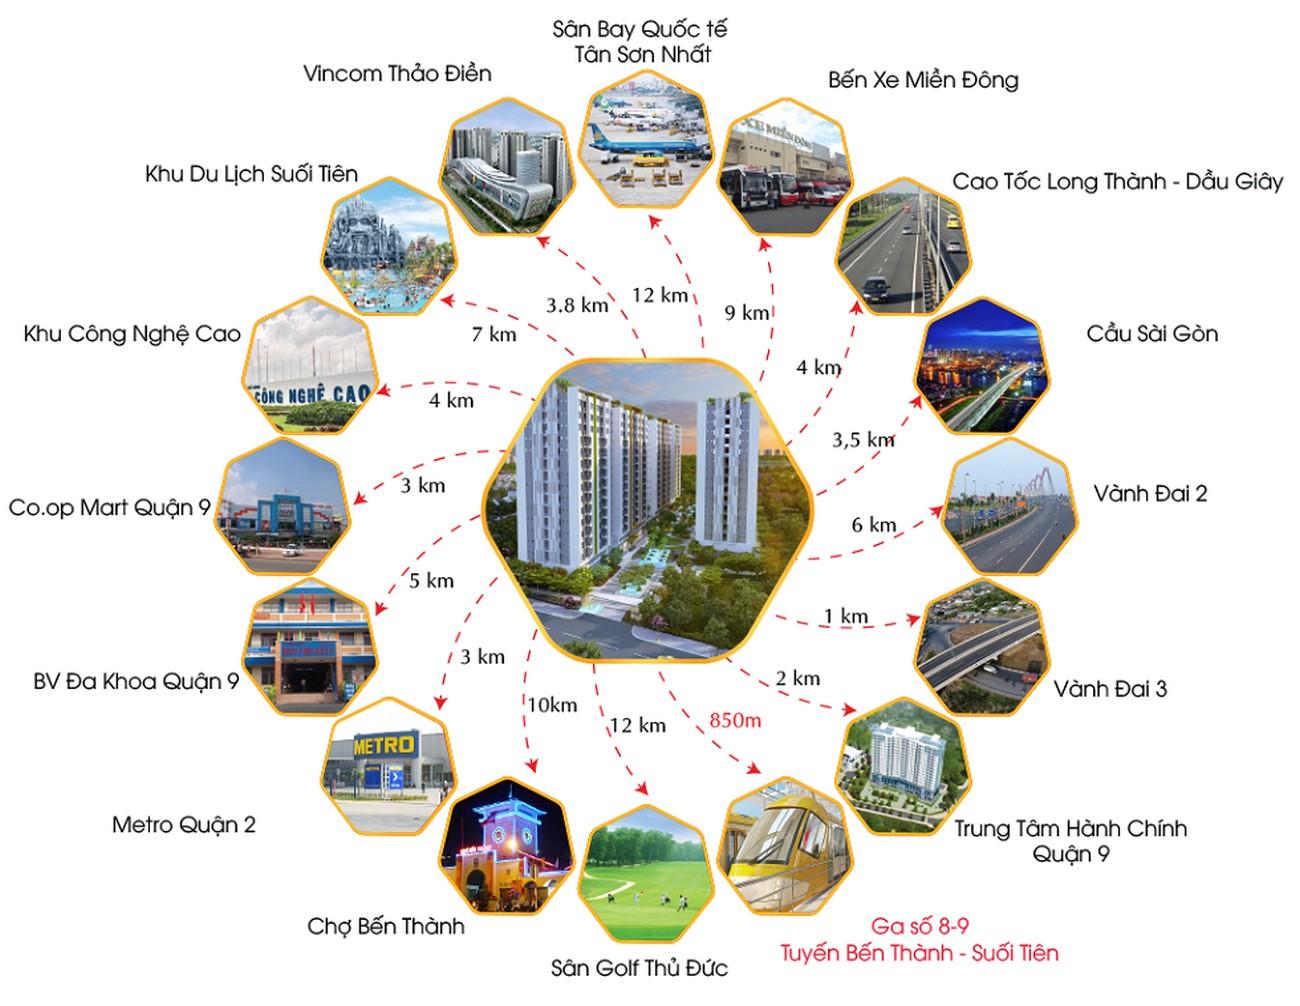 Tiện ích ngoại khu dự án căn hộ chung cư Him Lam Phú An Quận 9 Đường 32 Thủy Lợi chủ đầu tư Him Lam